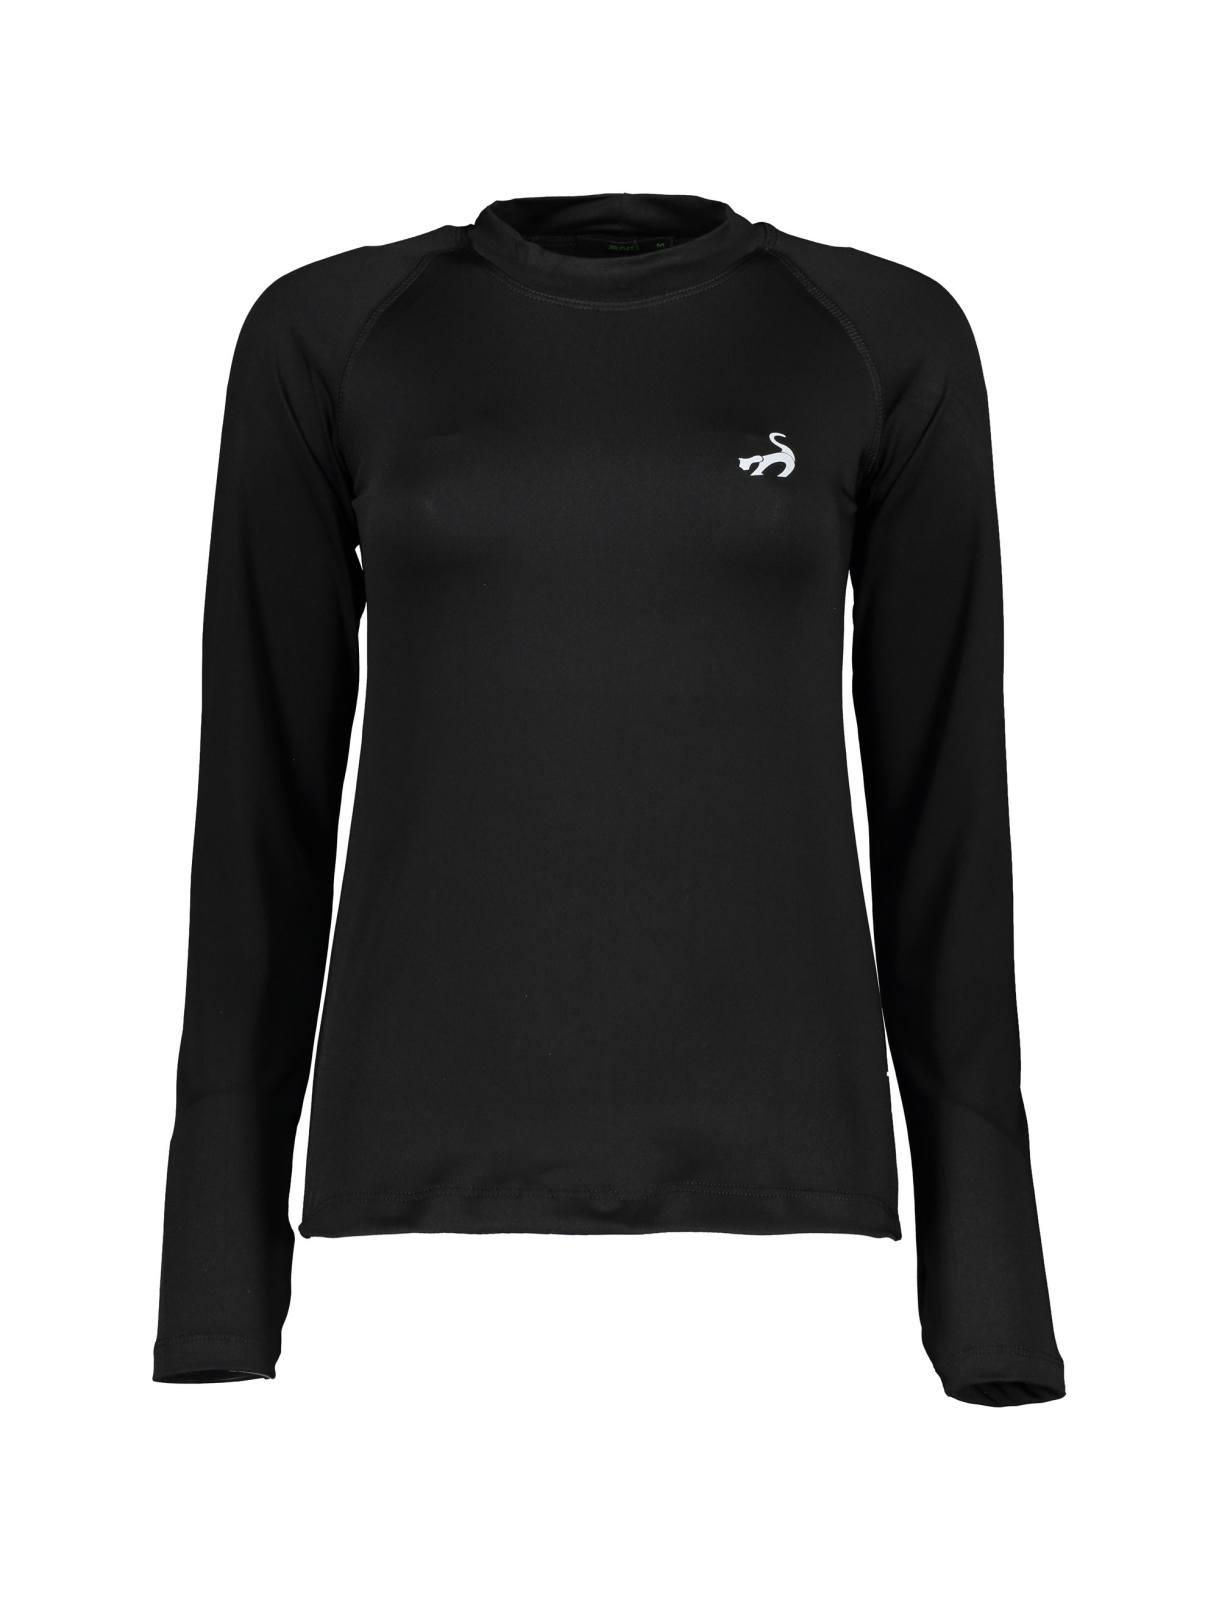 تی شرت آستین بلند زنانه – آر اِن اِس  Women Long Sleeve T-Shirt – RNS